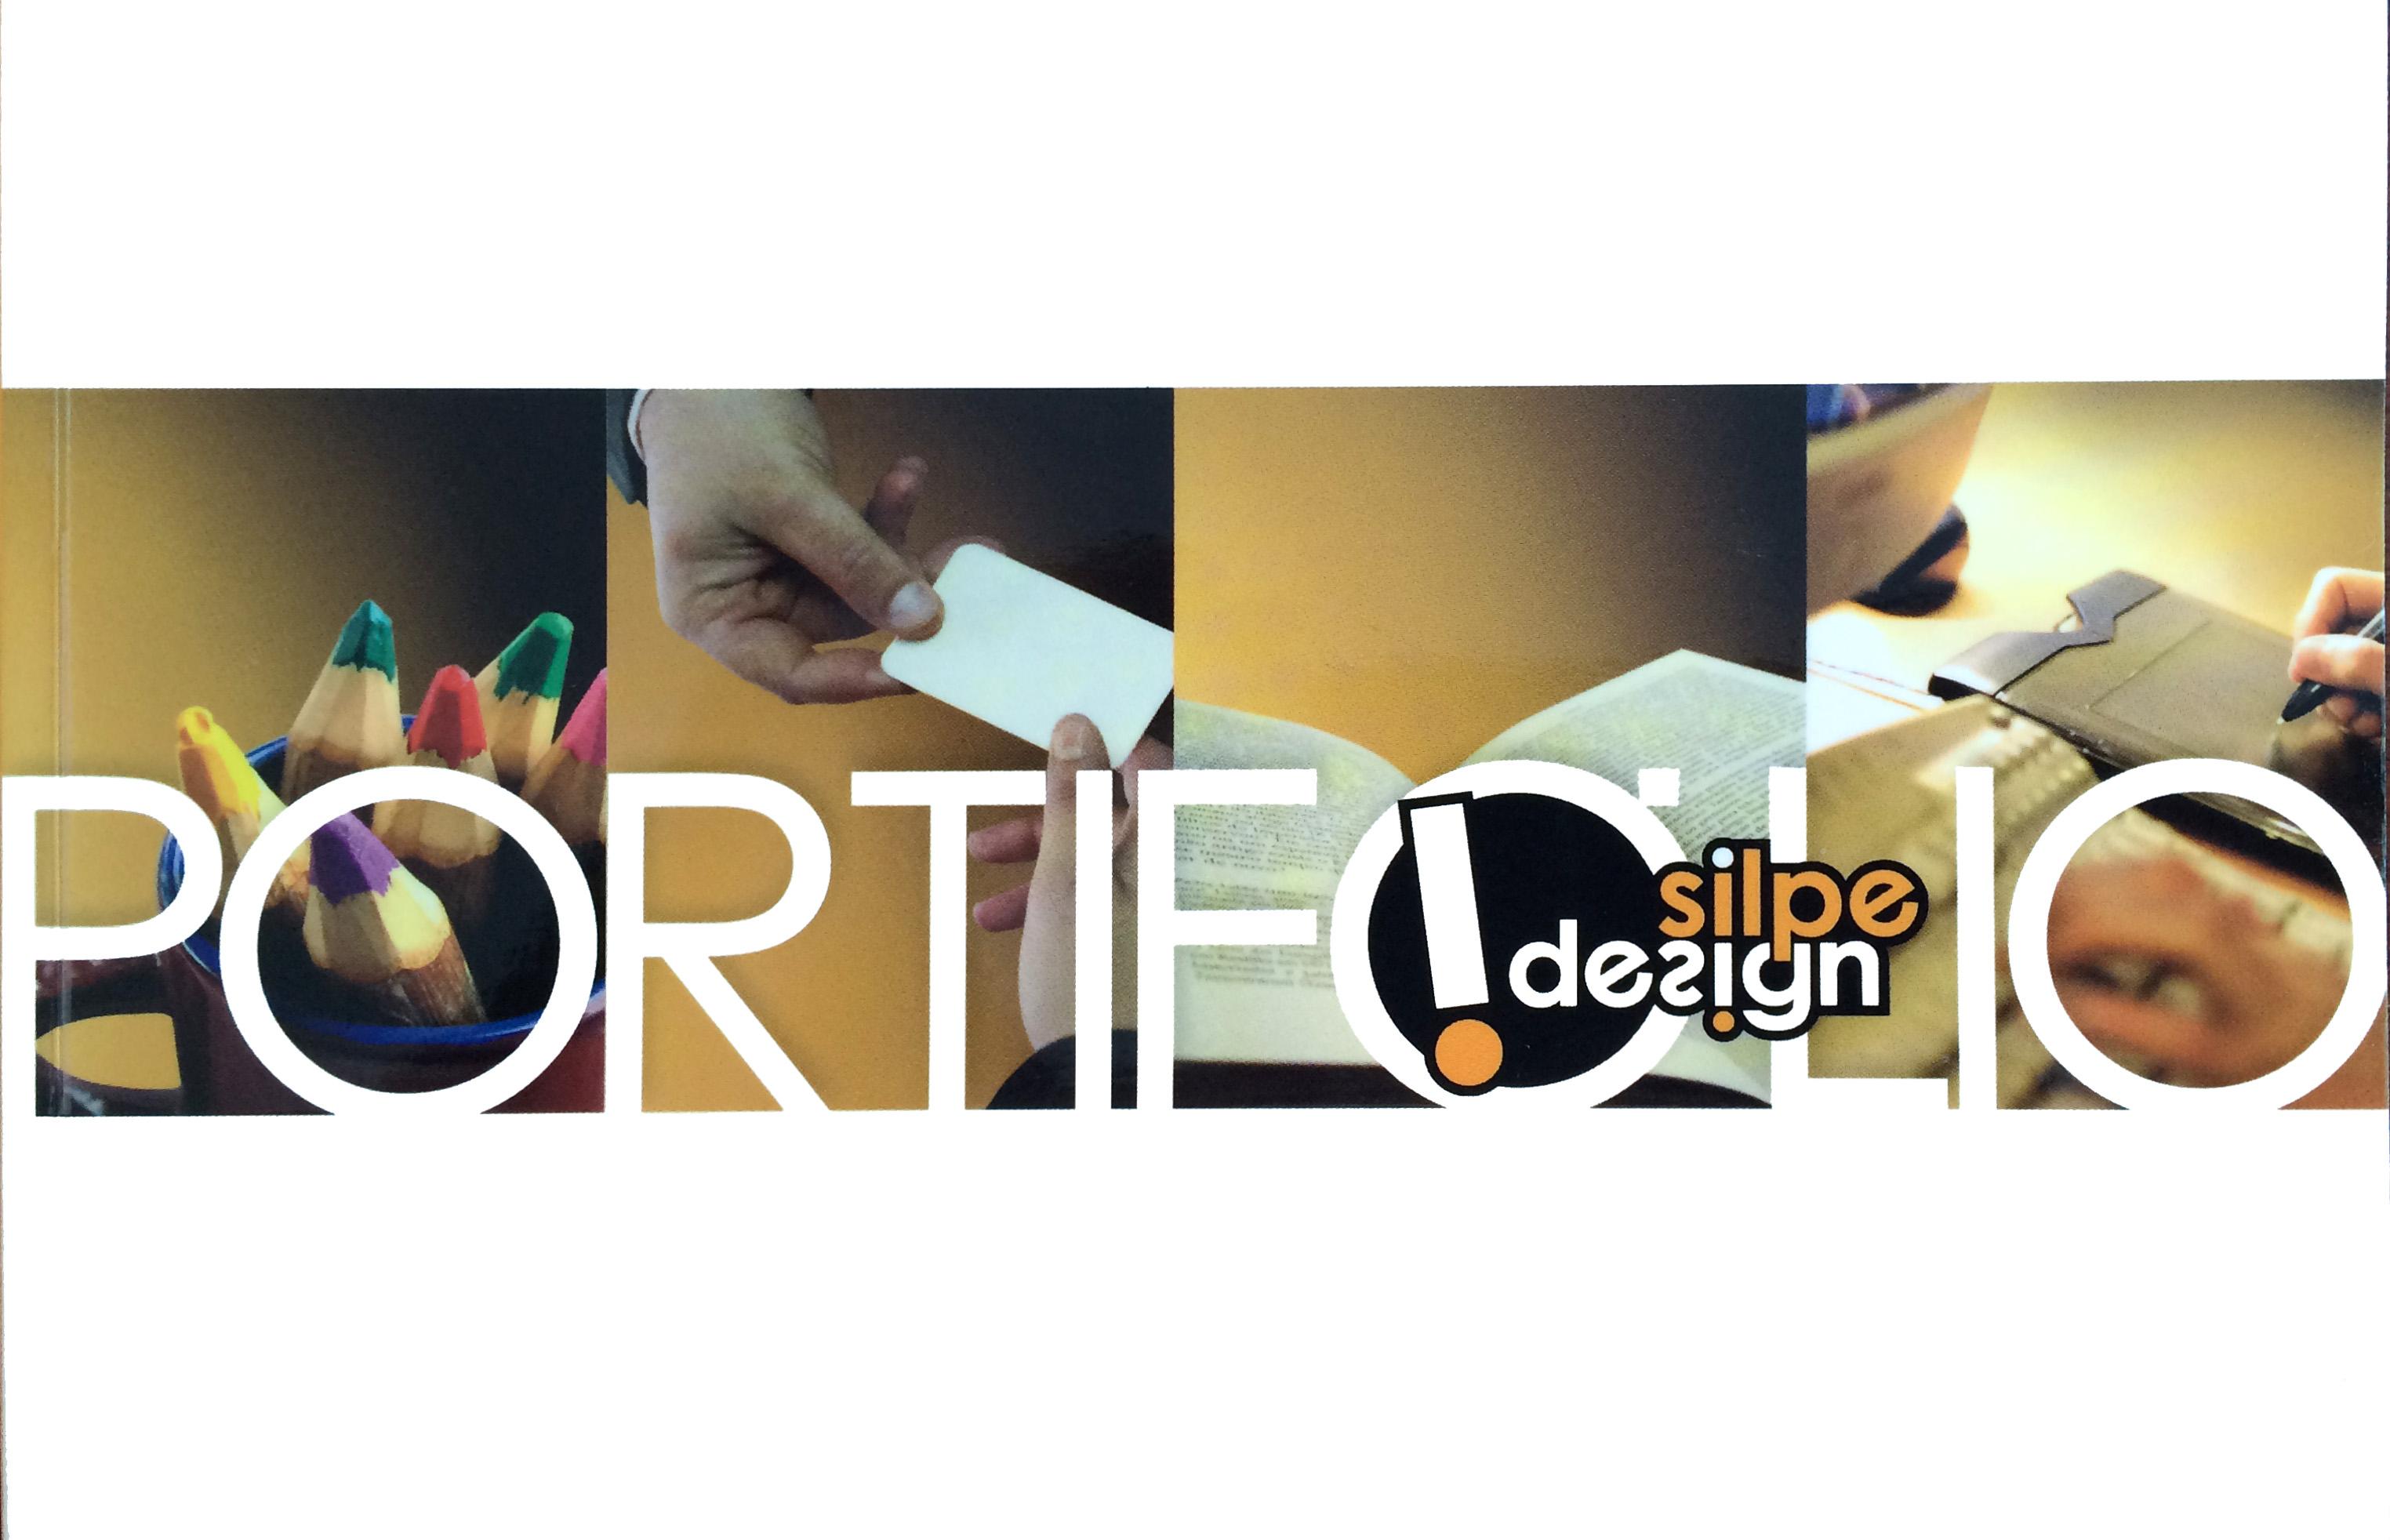 portifolio 2007 capa